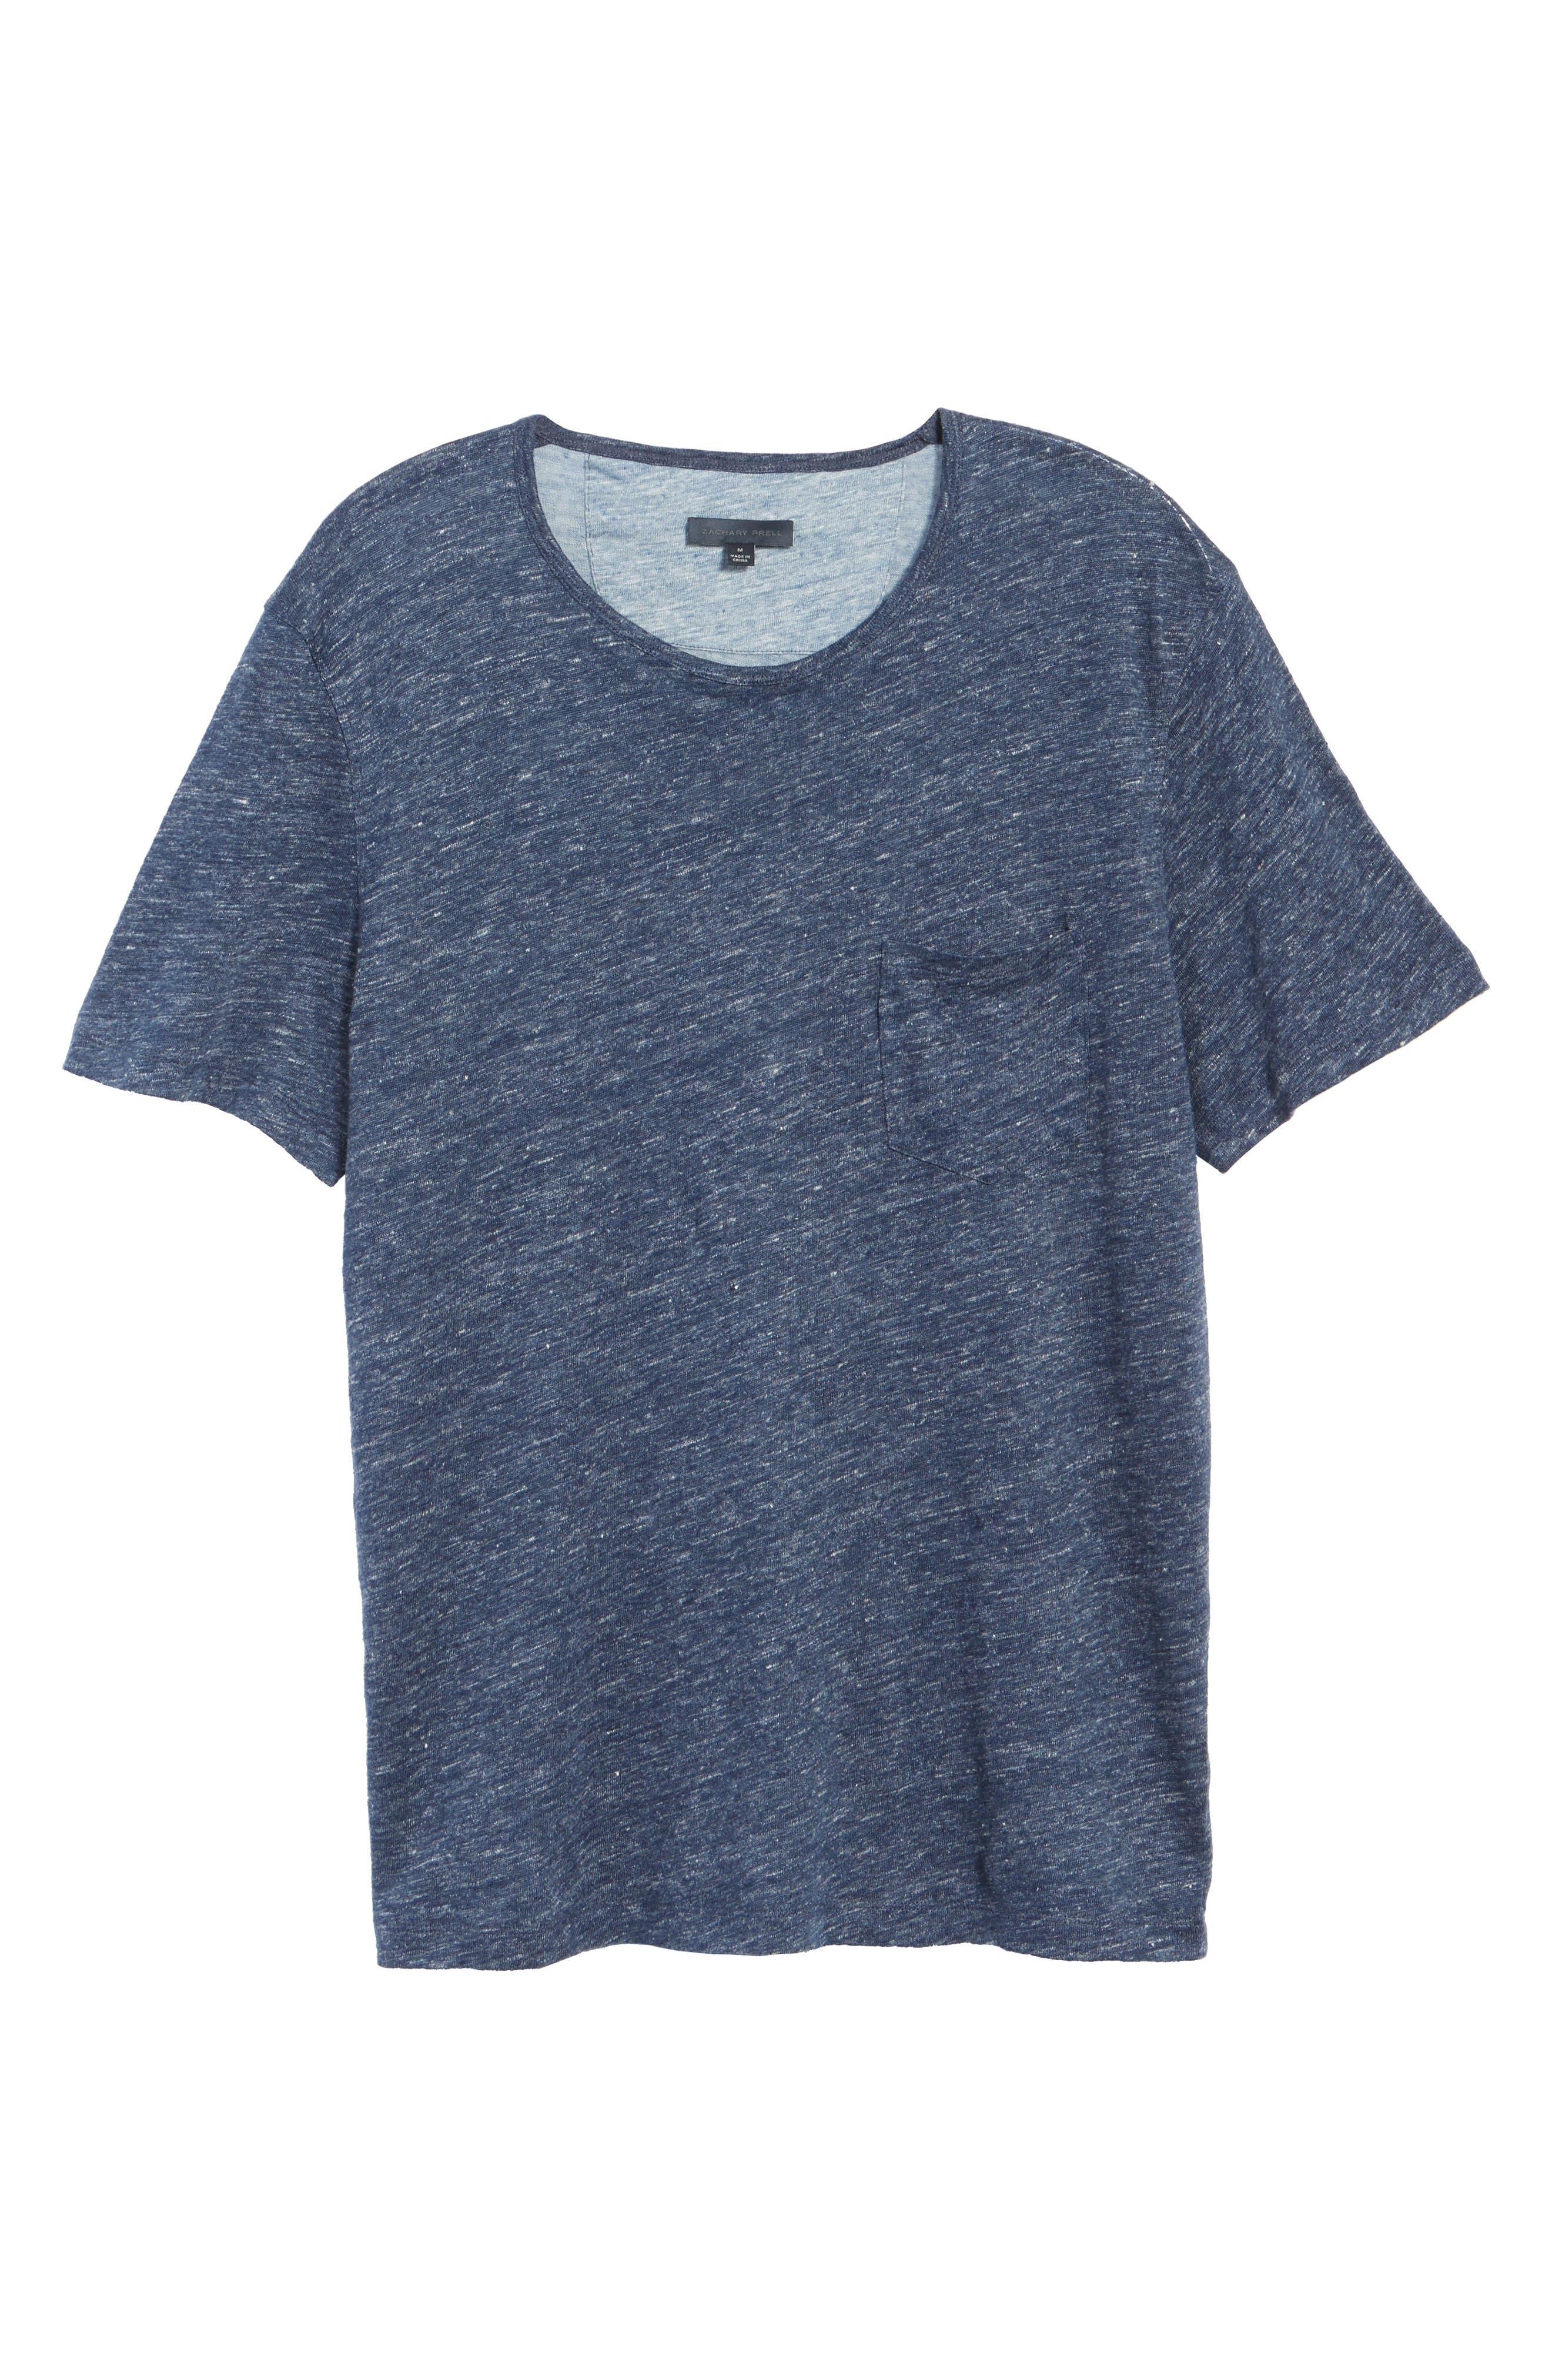 Monad Colorblock Linen T-Shirt,                             Alternate thumbnail 7, color,                             Blue Mountain